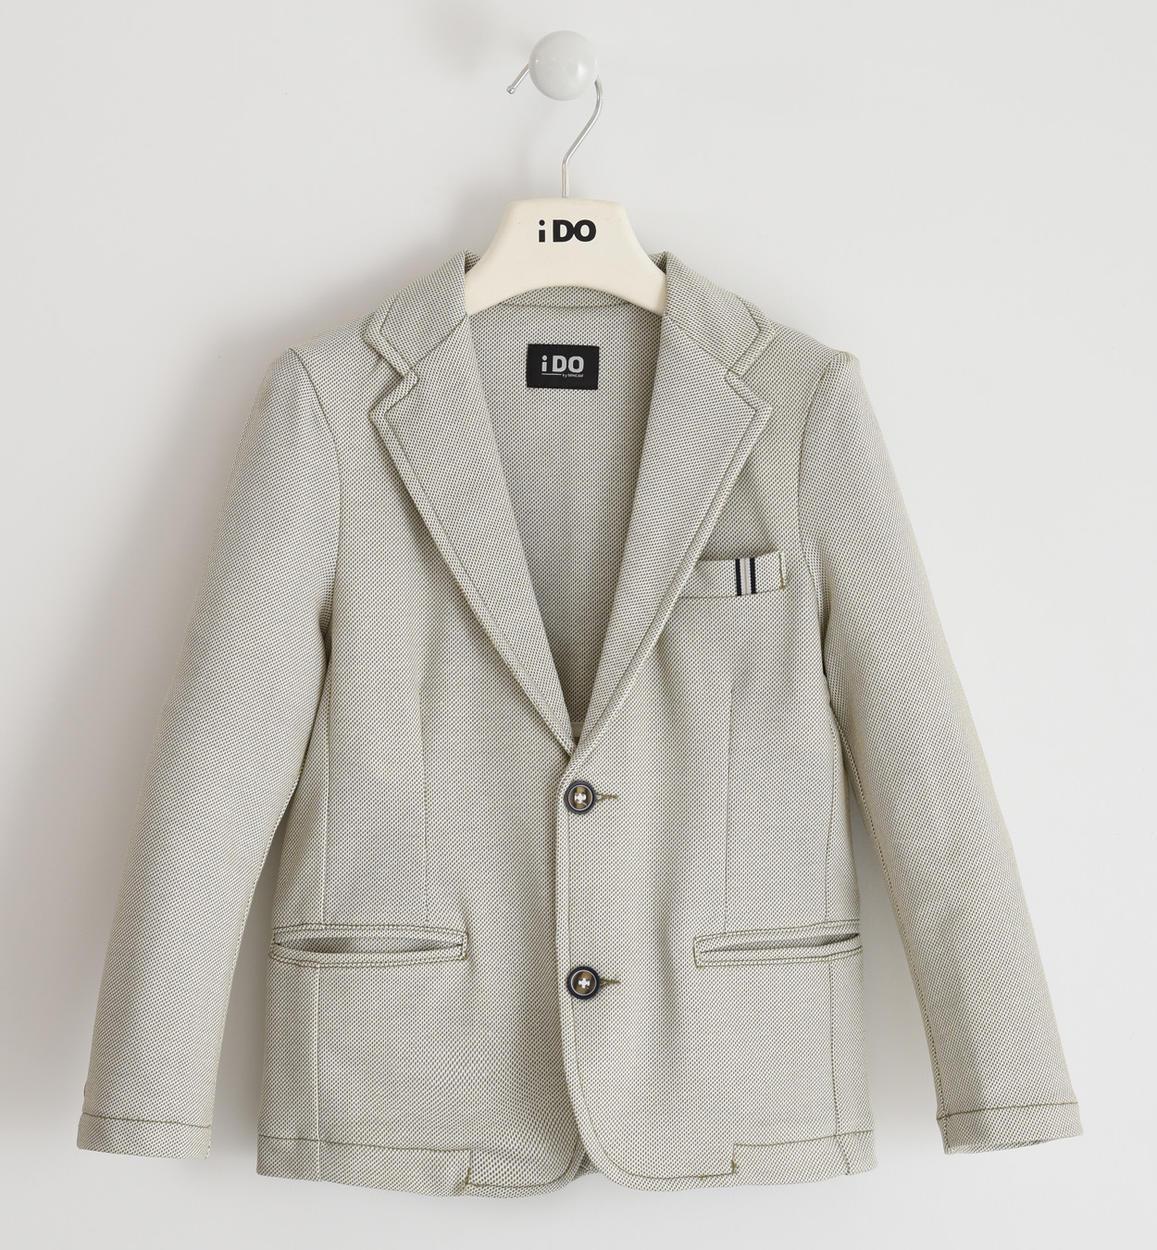 giacca in felpa micro pois per bambino d panna fronte 01 2744j46200 6mc7